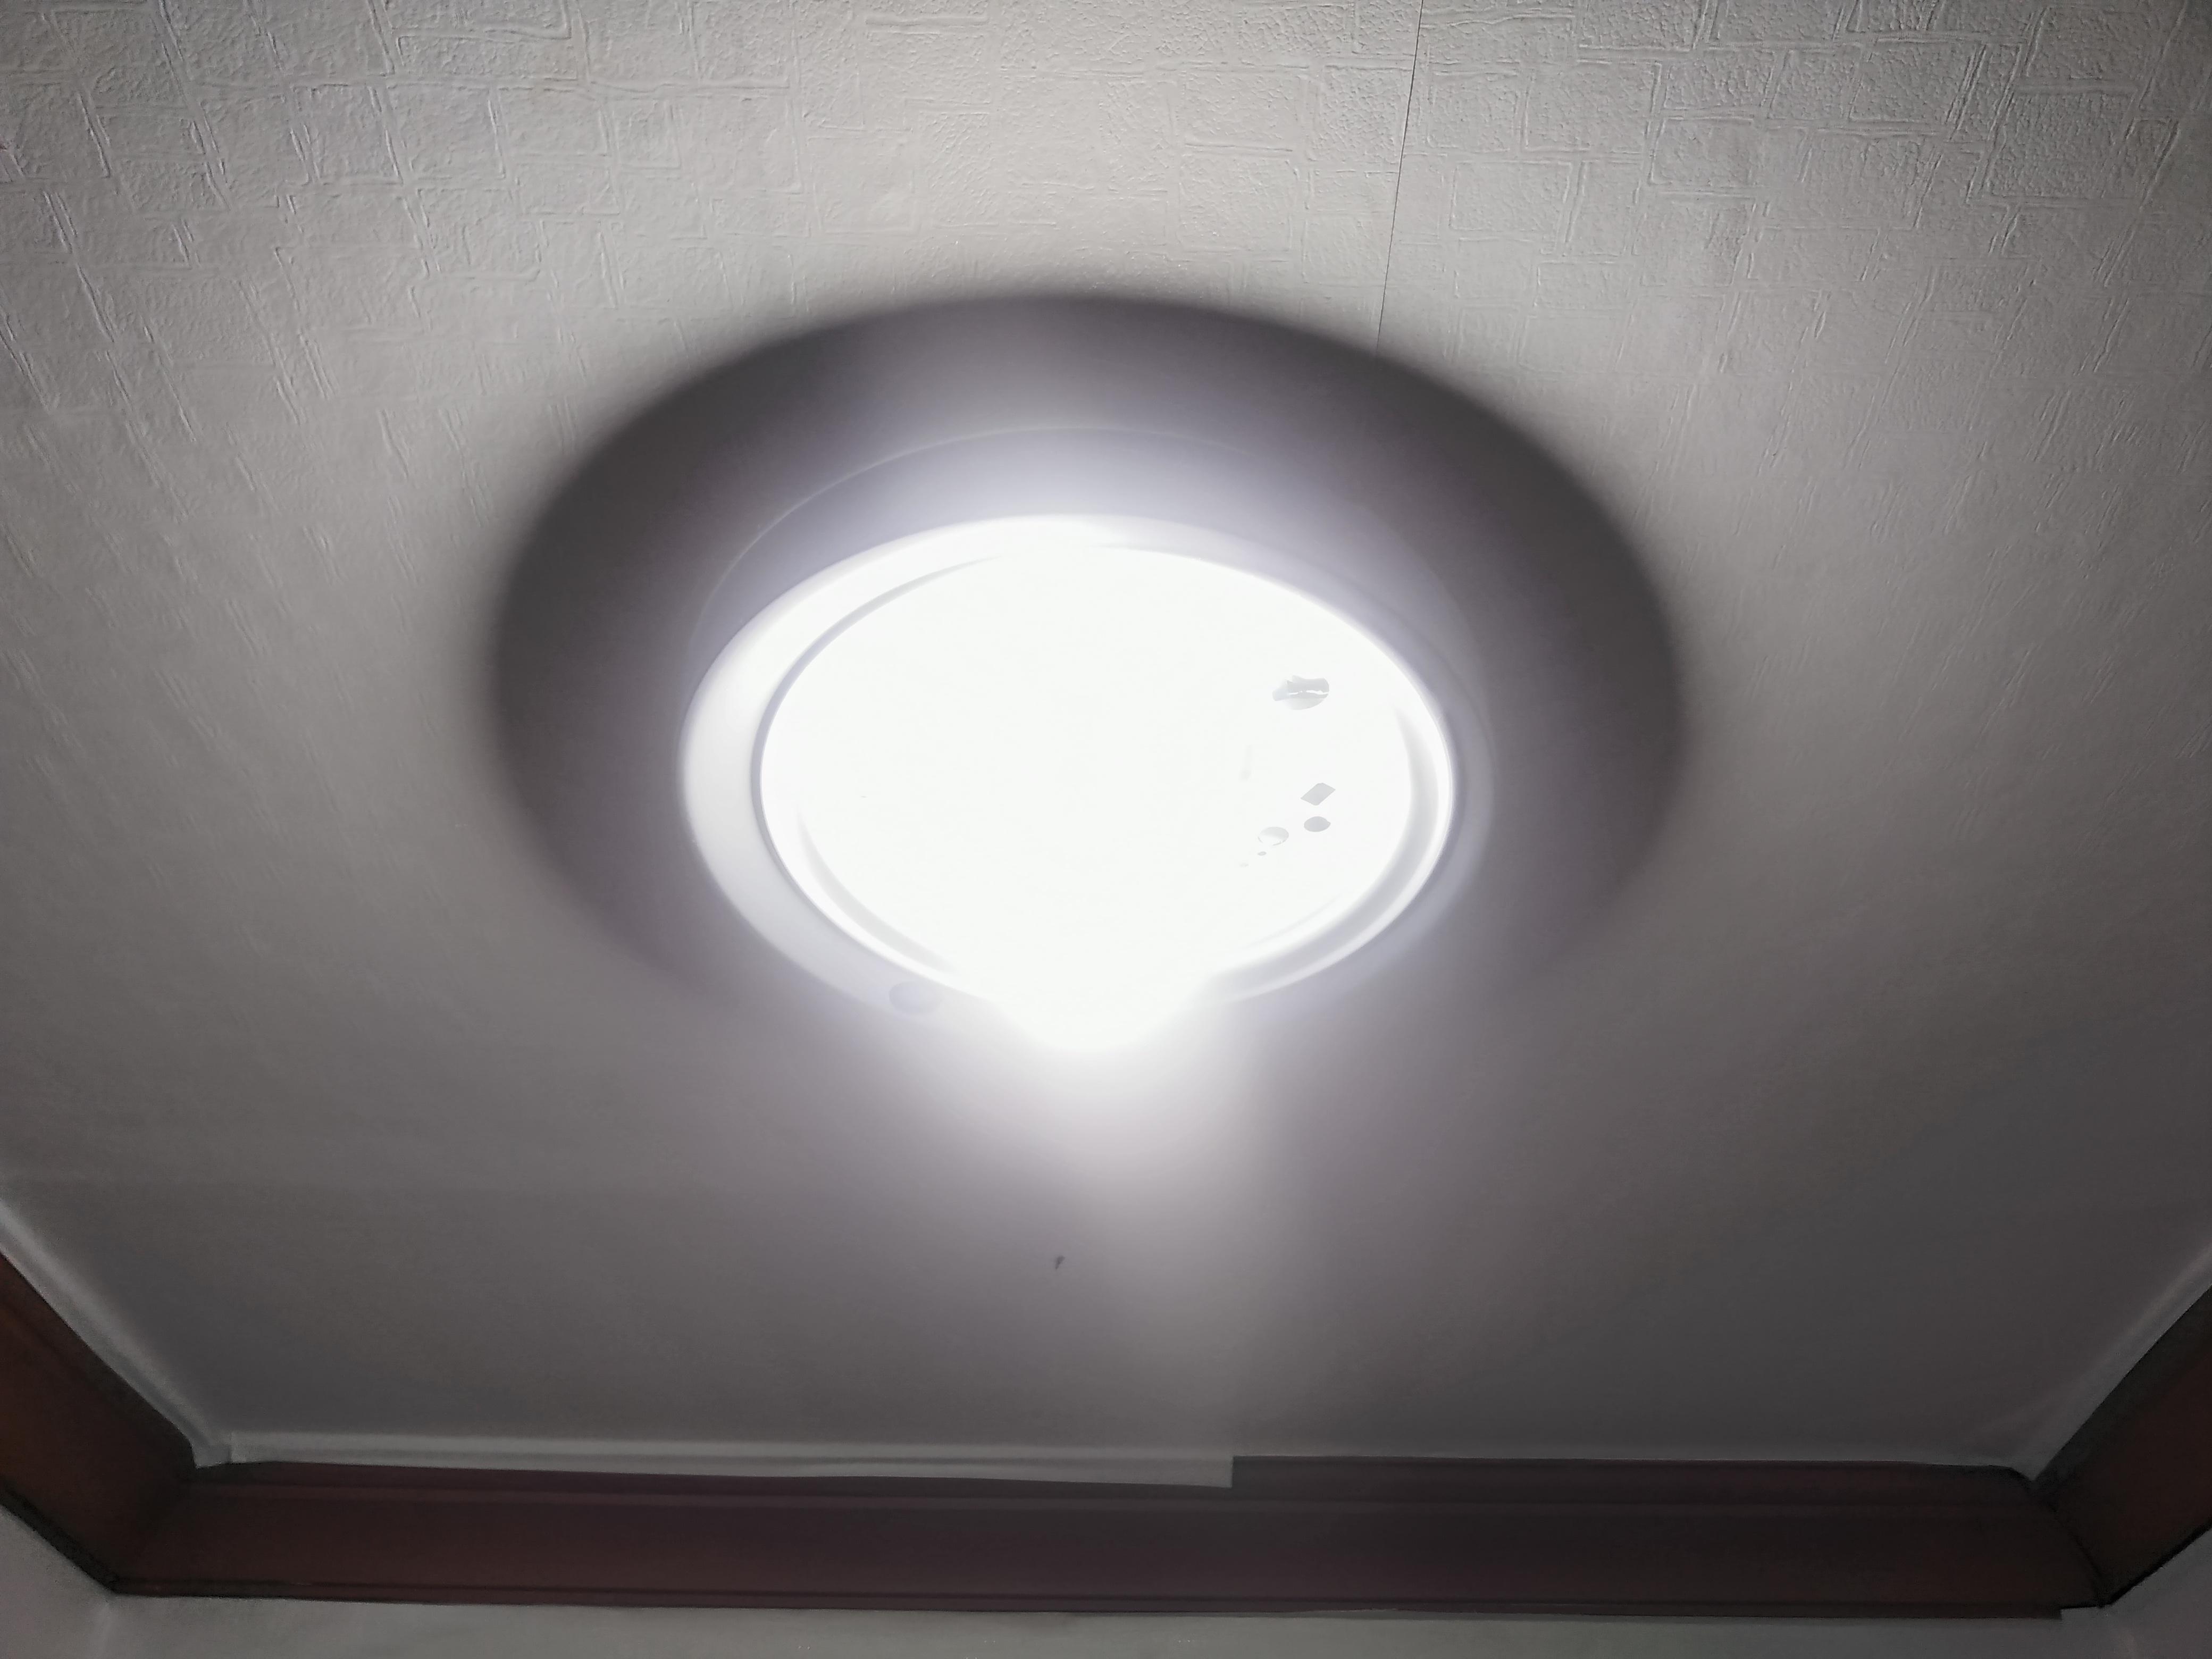 두꺼비집의 전원을 올리고 등기구 덮개를 덮기 전에 LED전구를 끼우고 테스트를 해 봅니다